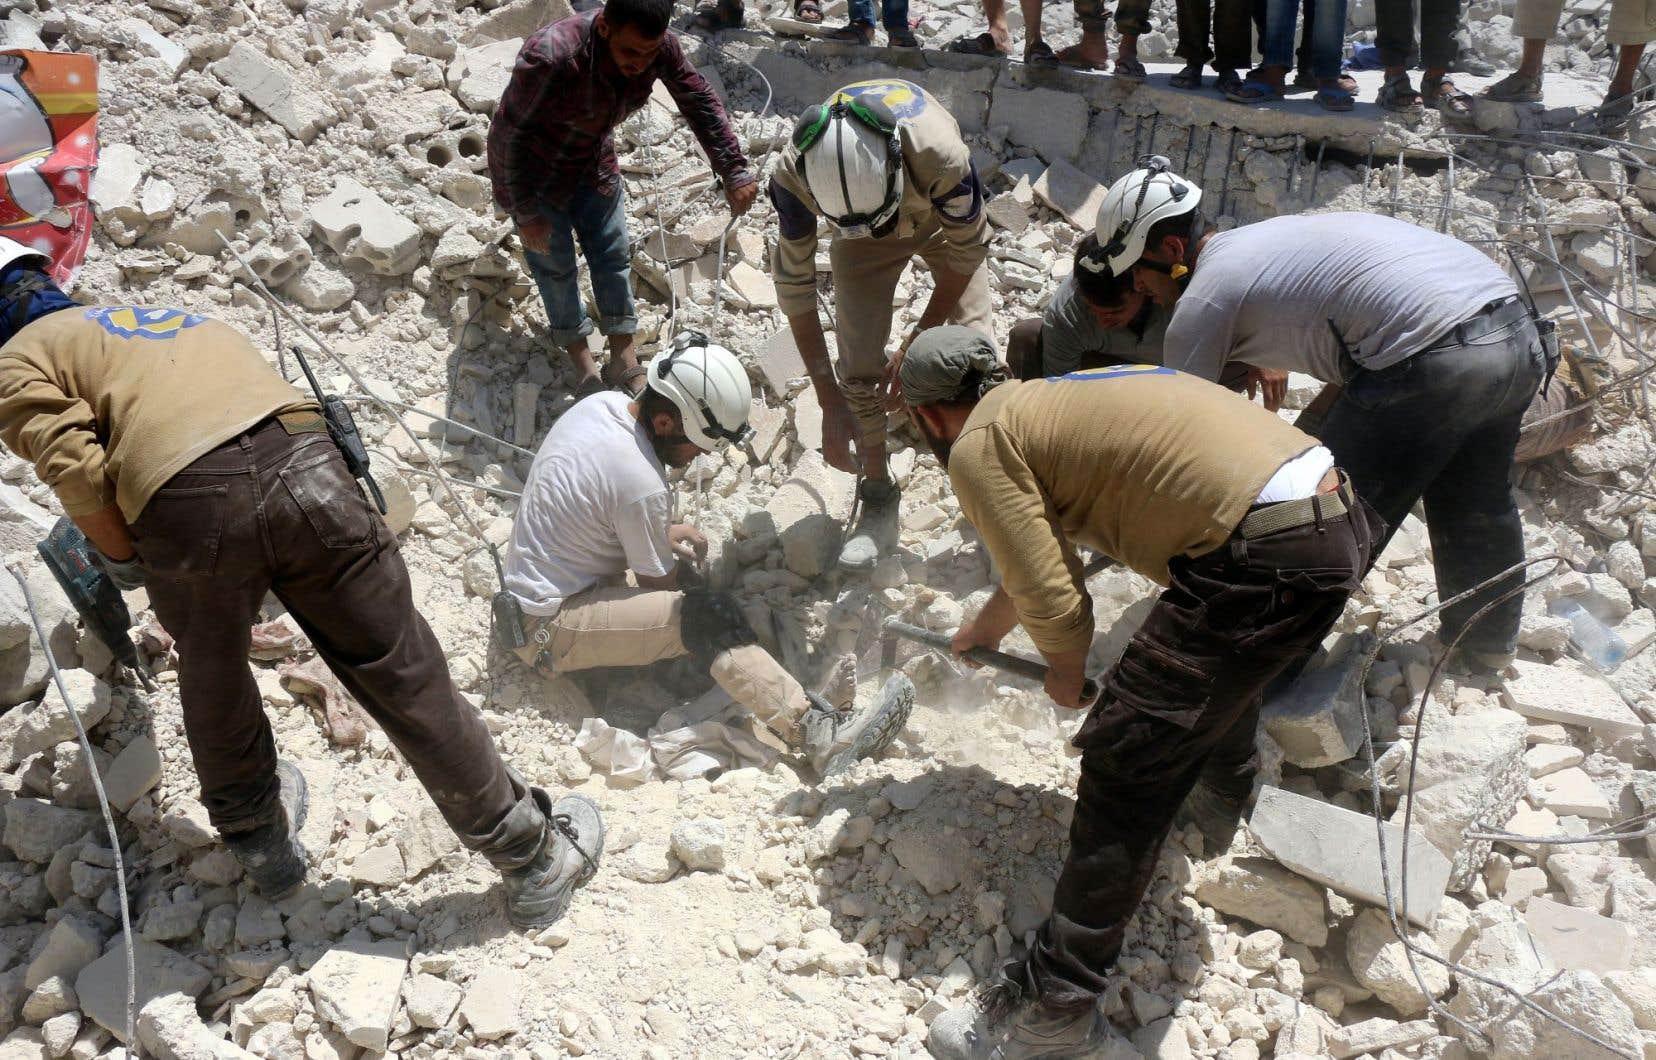 Des civils recherchent des survivants dans les décombres d'un immeuble dans le nord de la ville d'Alep, à la suite de frappes aériennes du régime.